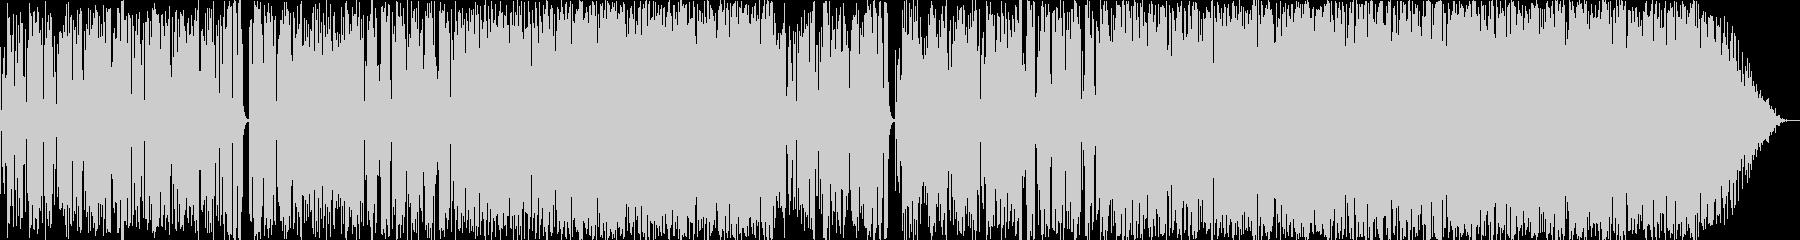 明るいPOPなファンクの未再生の波形